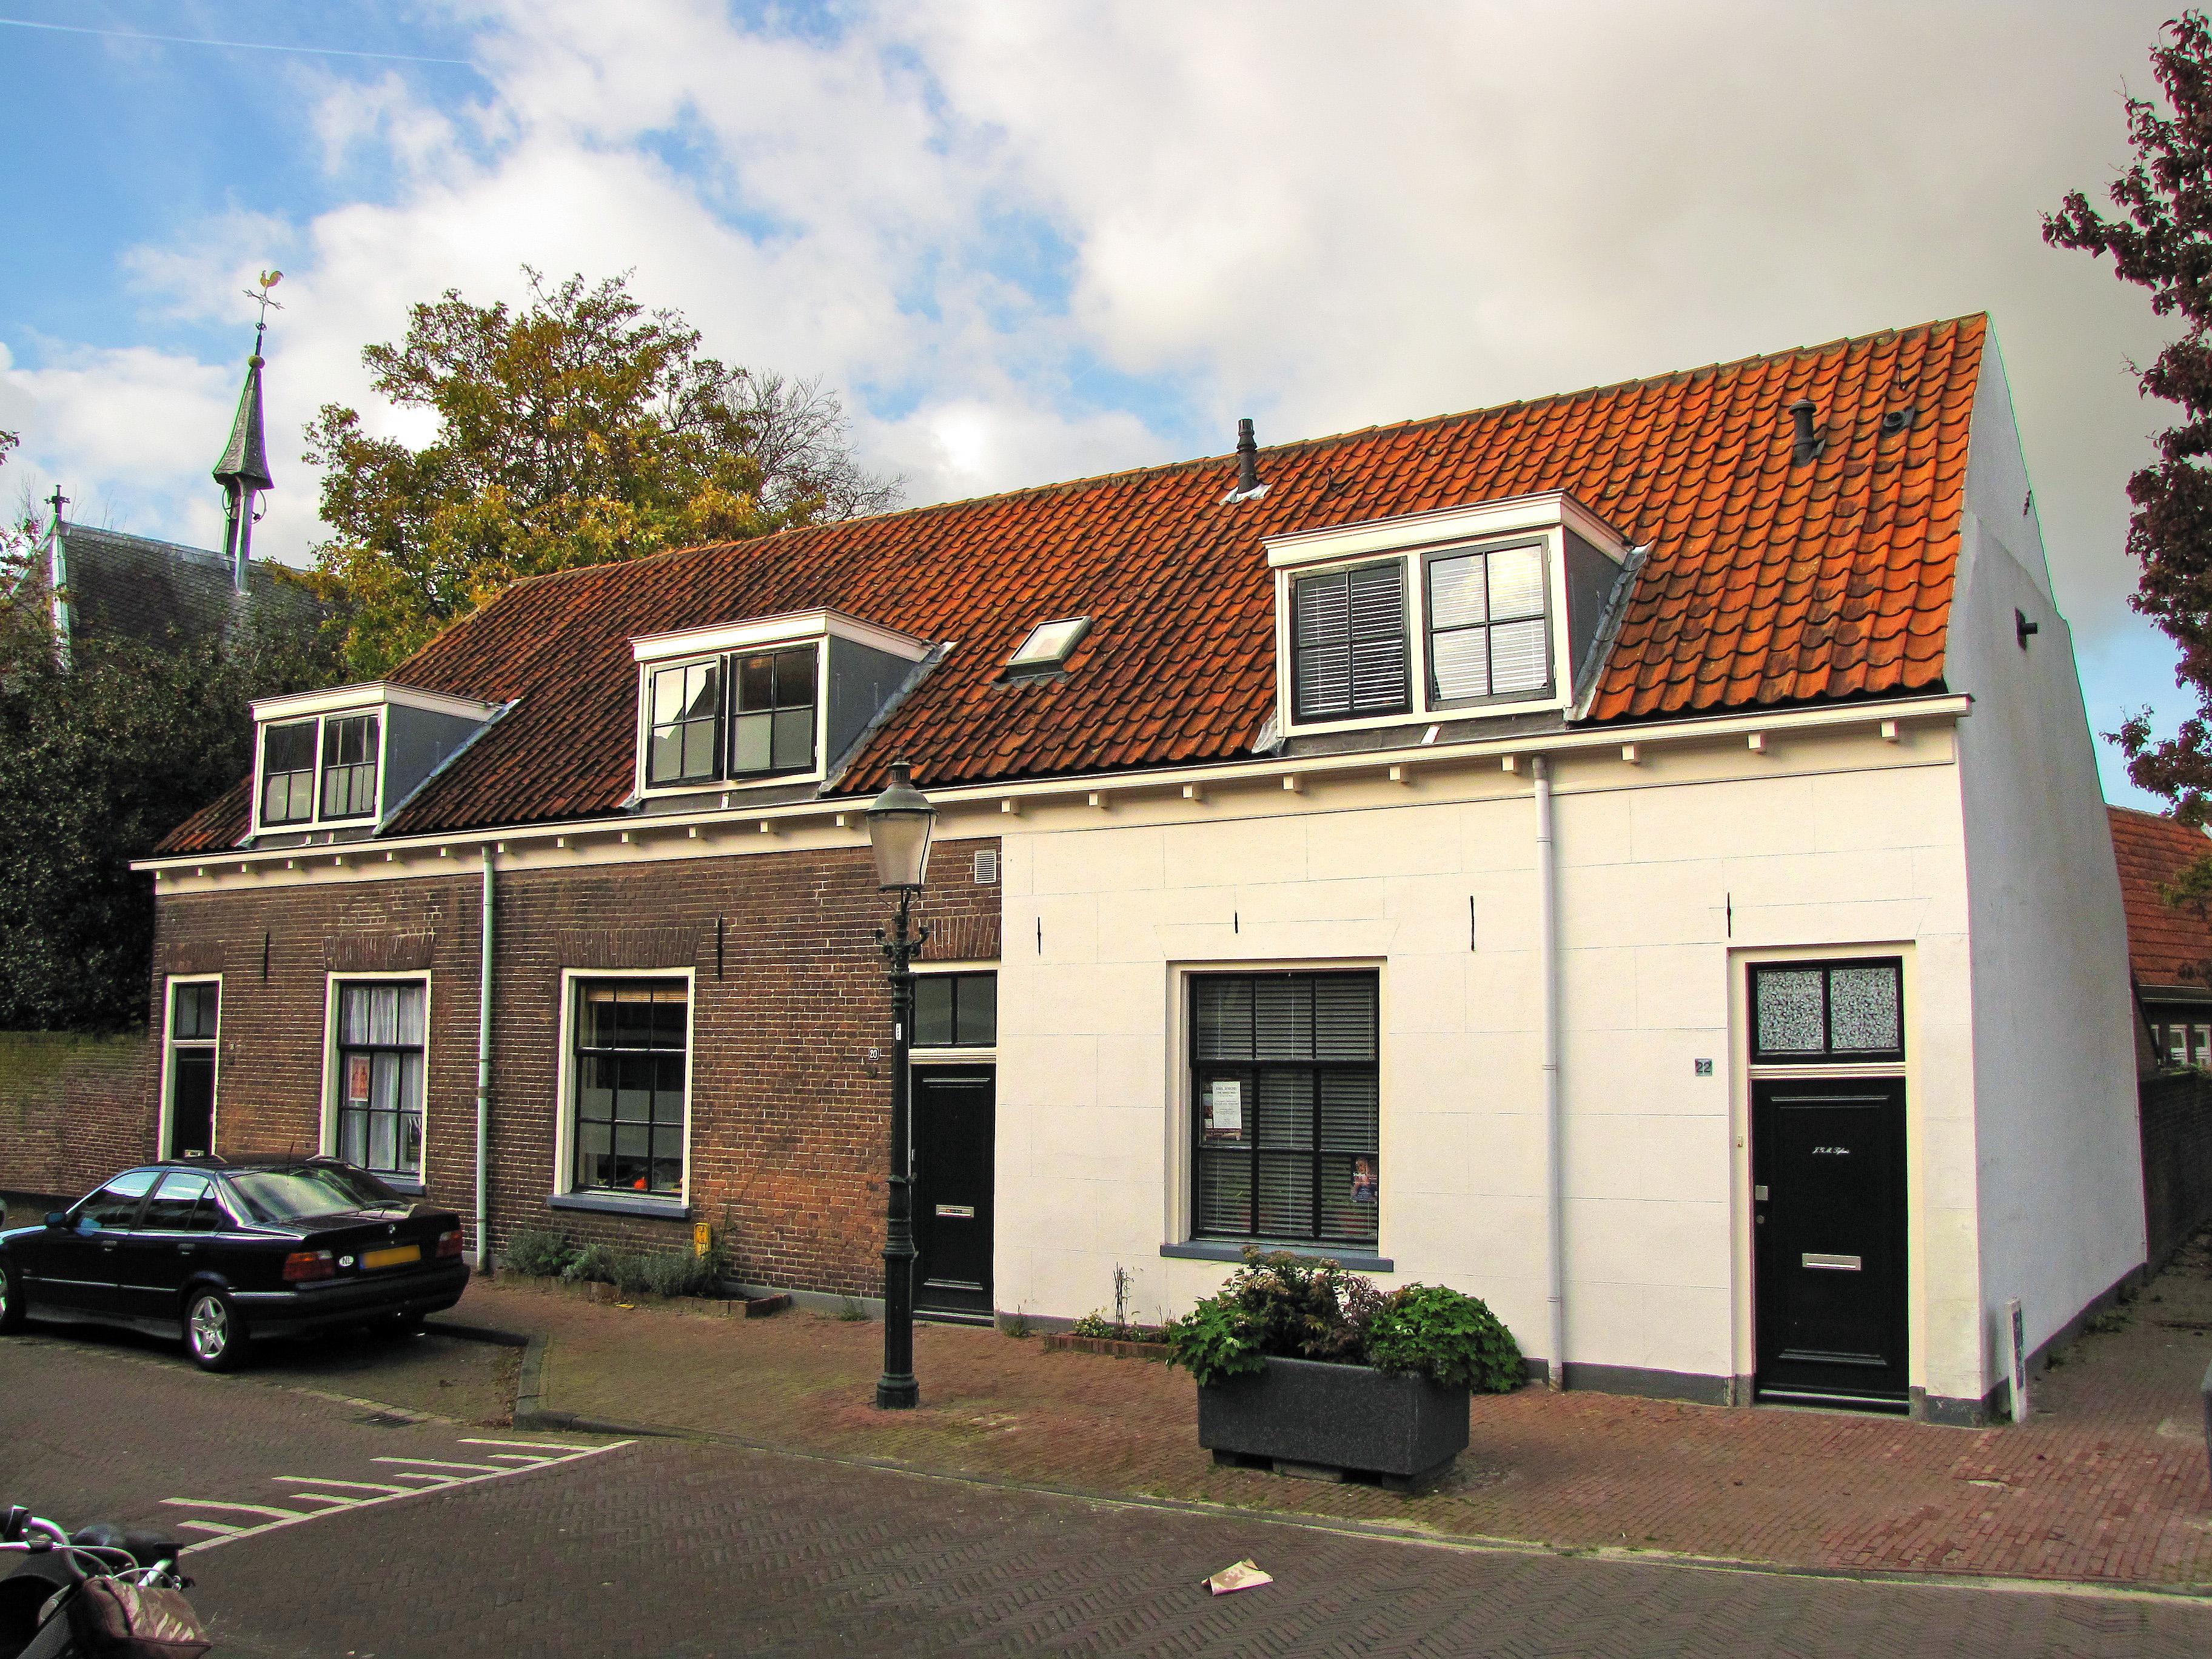 File:Amersfoort, Pothstraat 18-22 GM0307-401.jpg